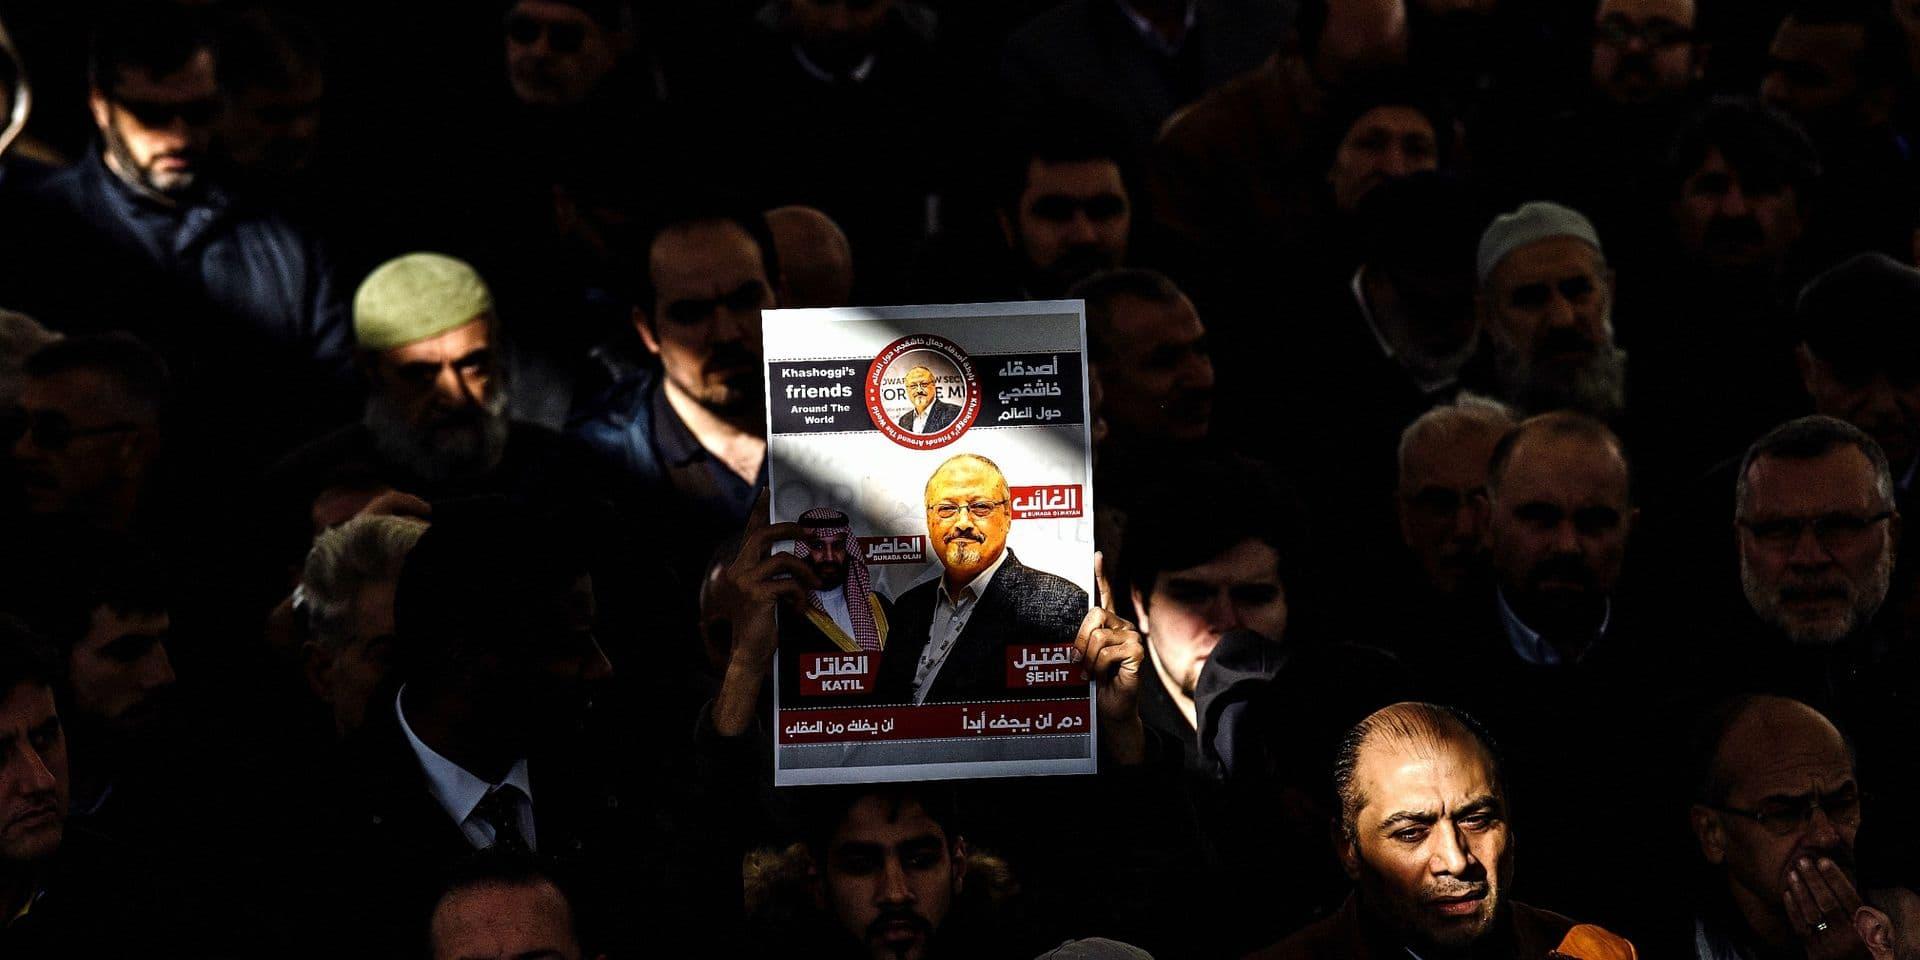 """Biden a utilisé l'affaire Khashoggi pour remettre Mohammed ben Salmane dans le """"droit chemin"""", à savoir l'alignement en tant qu'exécutant de la politique américaine dans la région."""